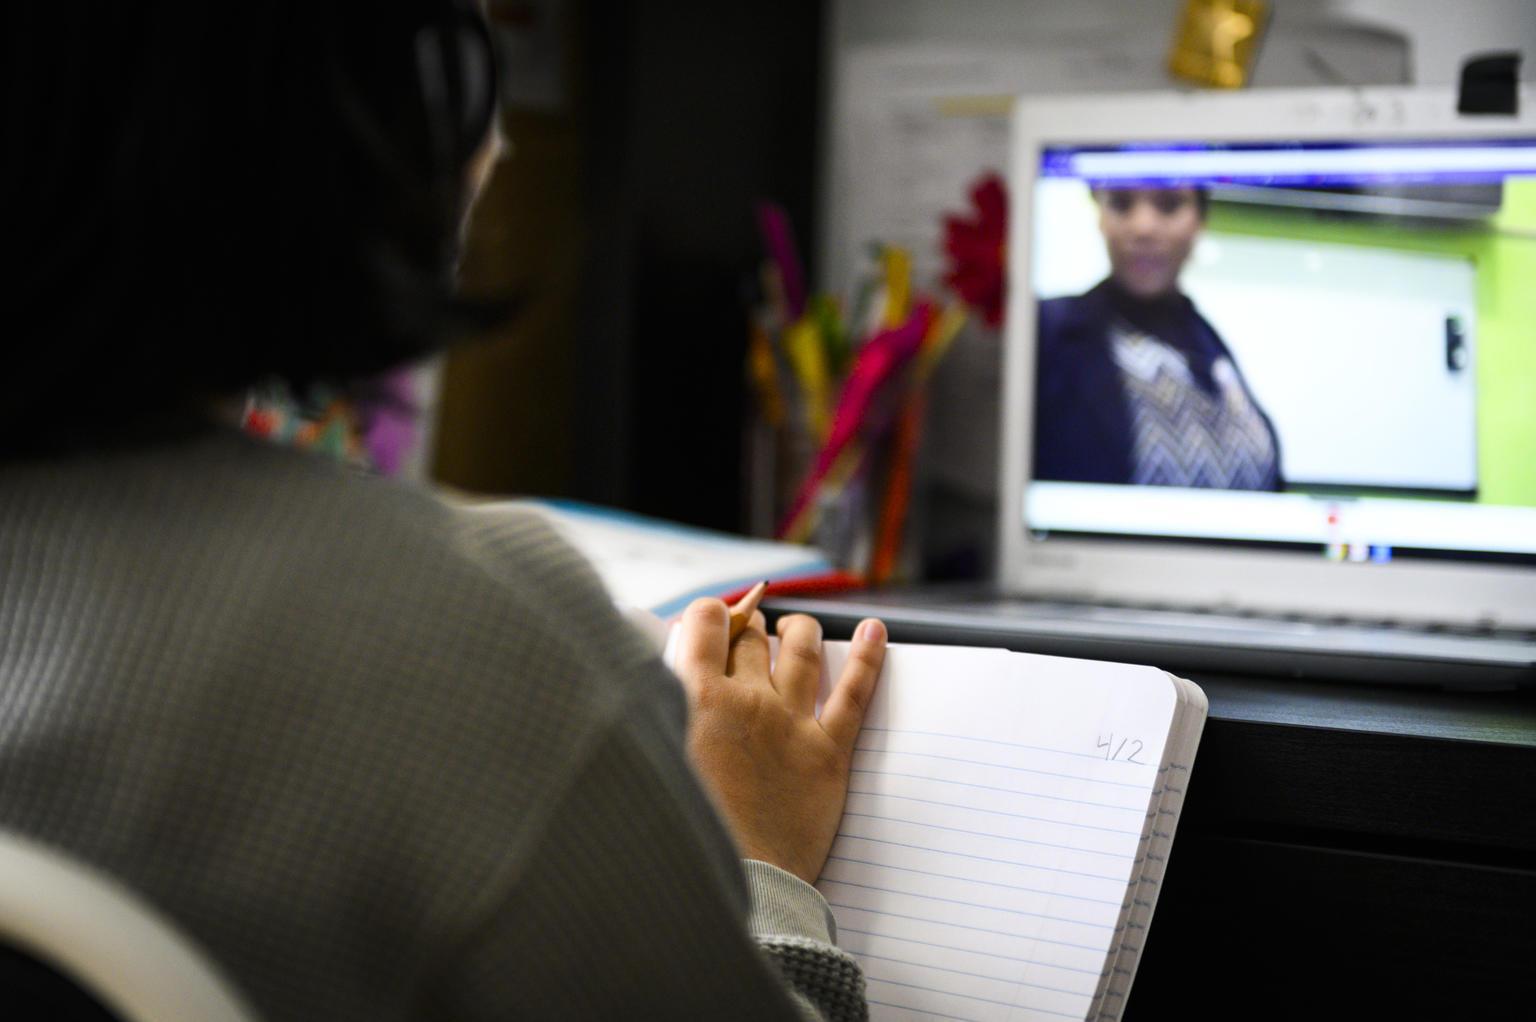 Un studiu SuperTeach relevă atitudinea pozitivă a părinţilor privind educaţia online